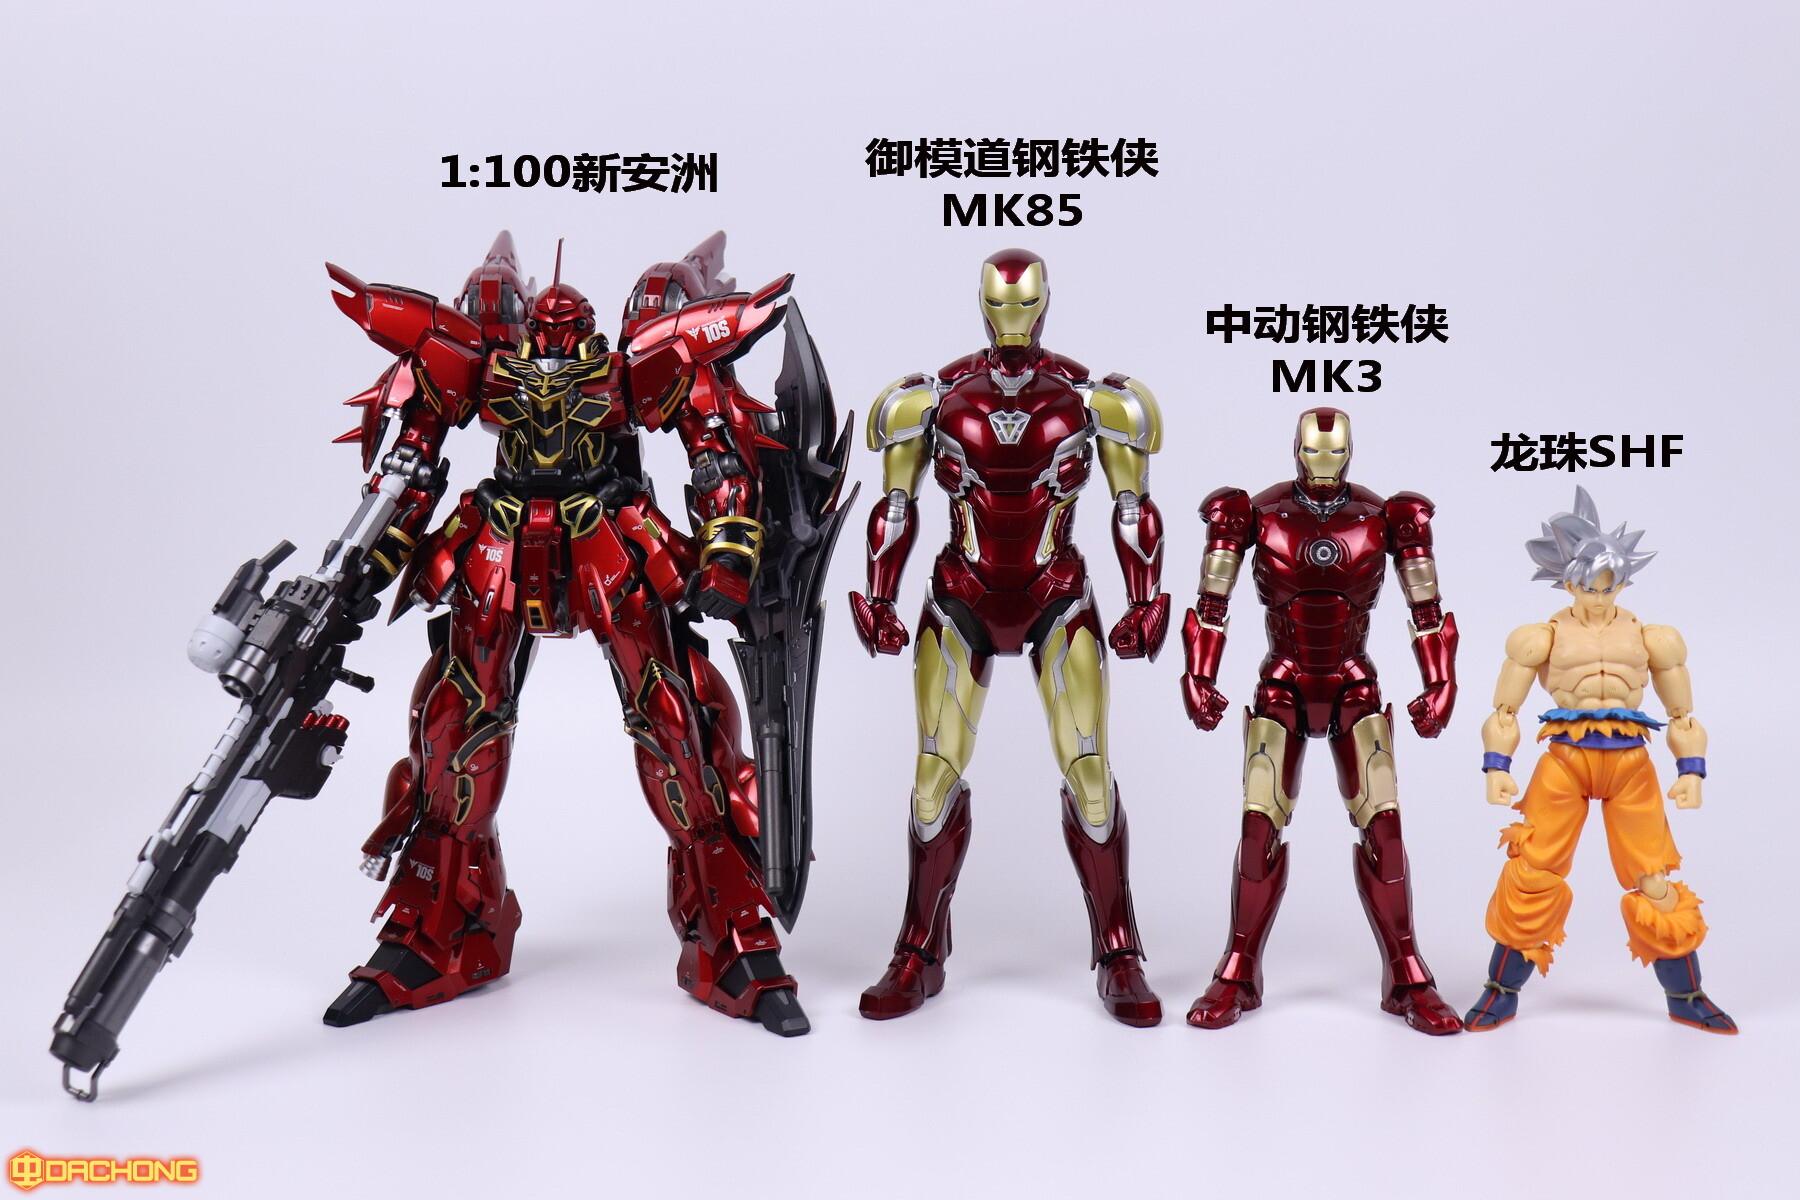 S498_2_e_model_ironman_mk85_dx_063.jpg